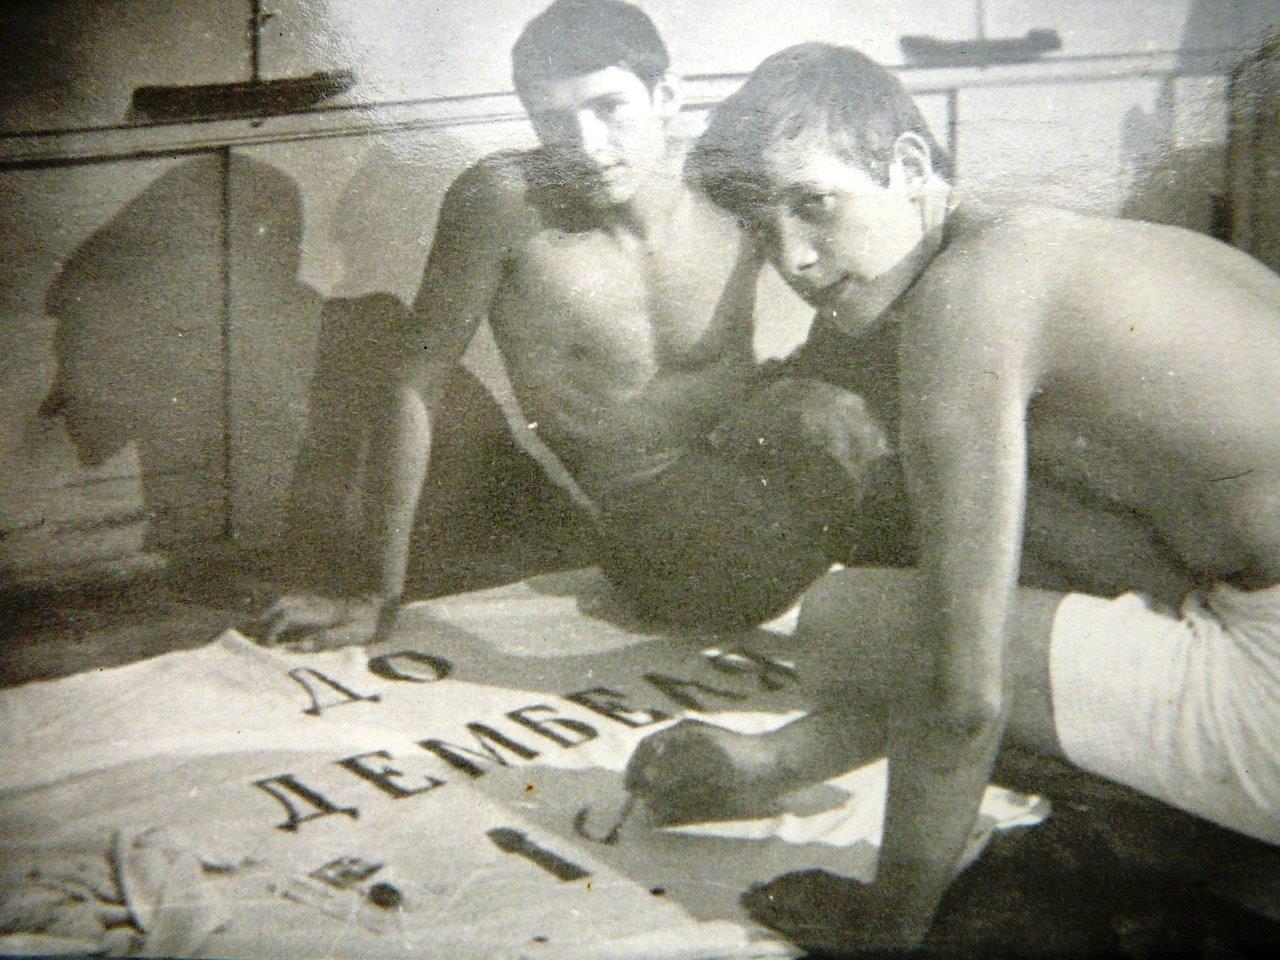 http://cubanos.ru/_data/gallery/foto072/dl20d.jpg